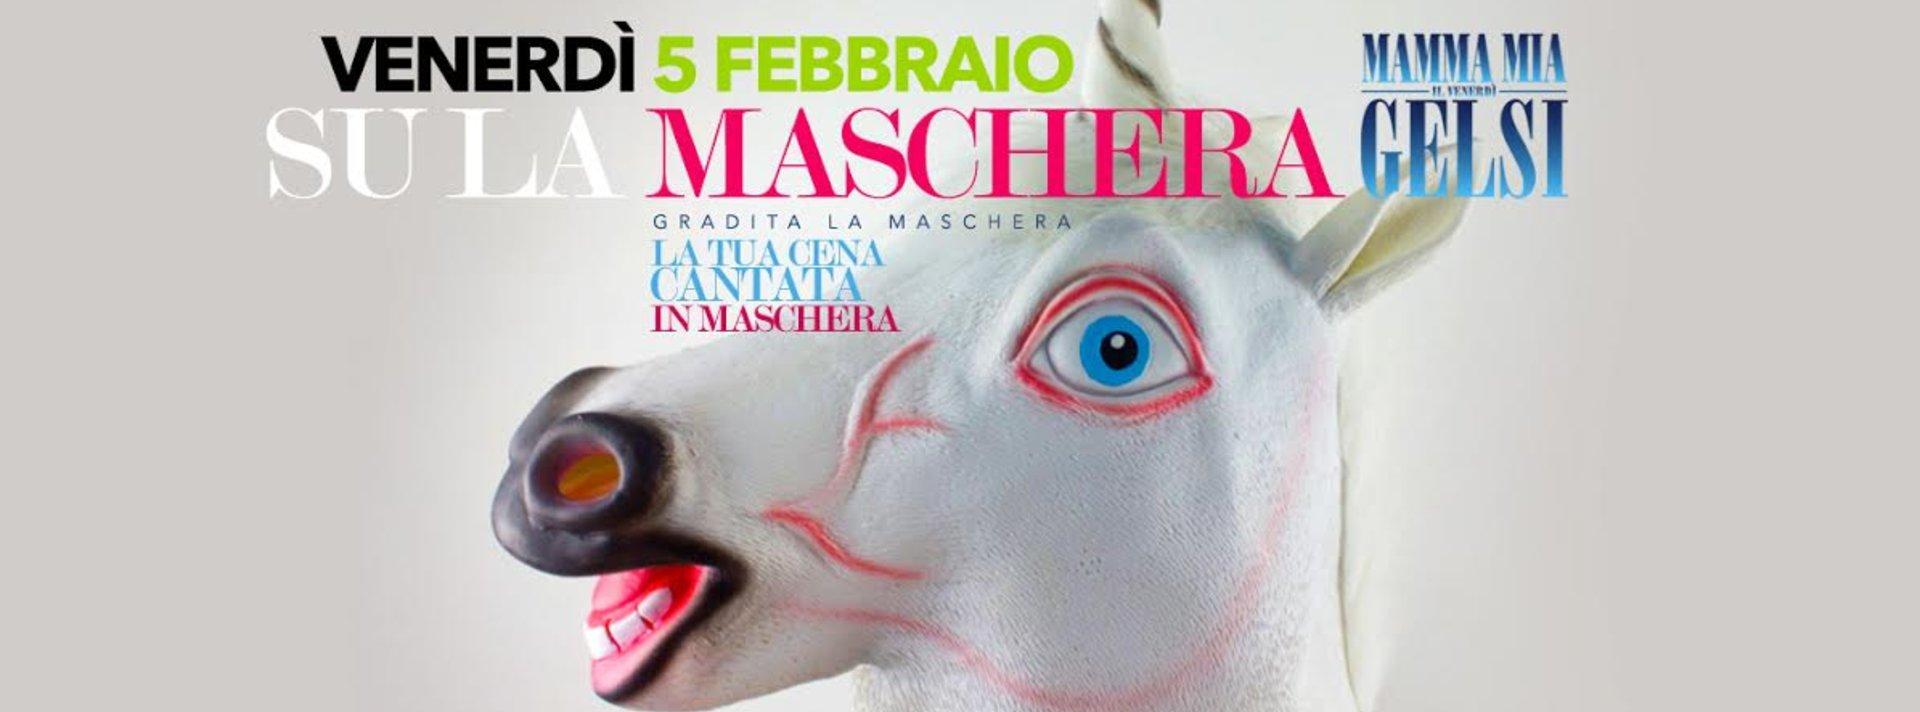 Mammamia Carnevale Gelsi Cavallo 5 febbraio 2016